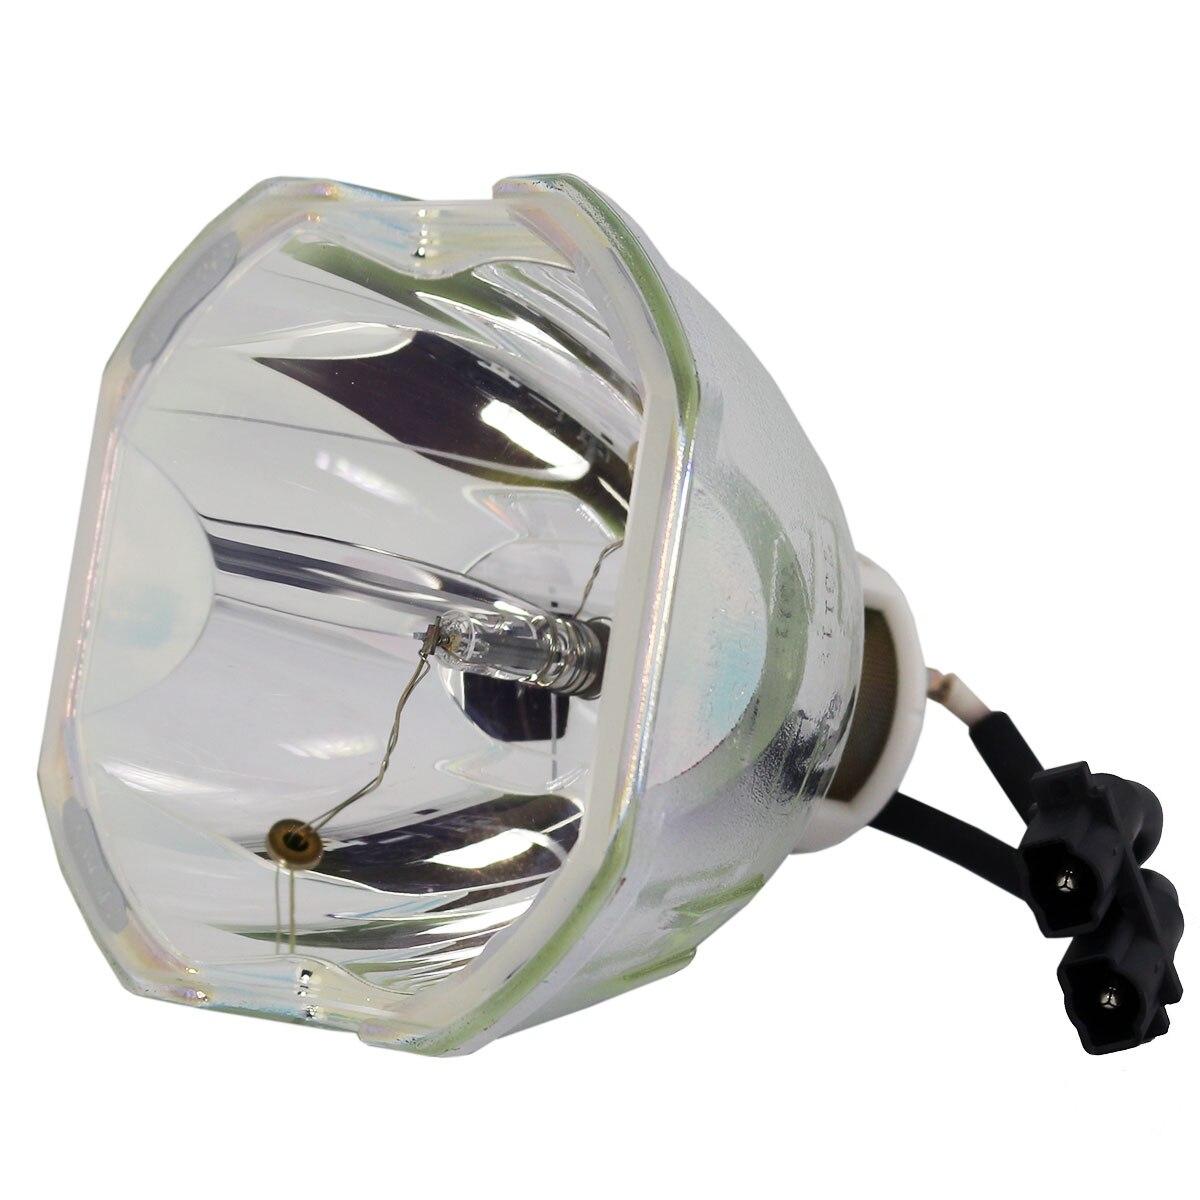 Compatible ET-LAD35L ETLAD35L For Panasonic PT-D3500 PT-D3500U D3500U PT-D3500E TH-D3500 TH-D3500U D3500U Projector Lamp Bulb projector bulb et lab10 for panasonic pt lb10 pt lb10nt pt lb10nu pt lb10s pt lb20 with japan phoenix original lamp burner